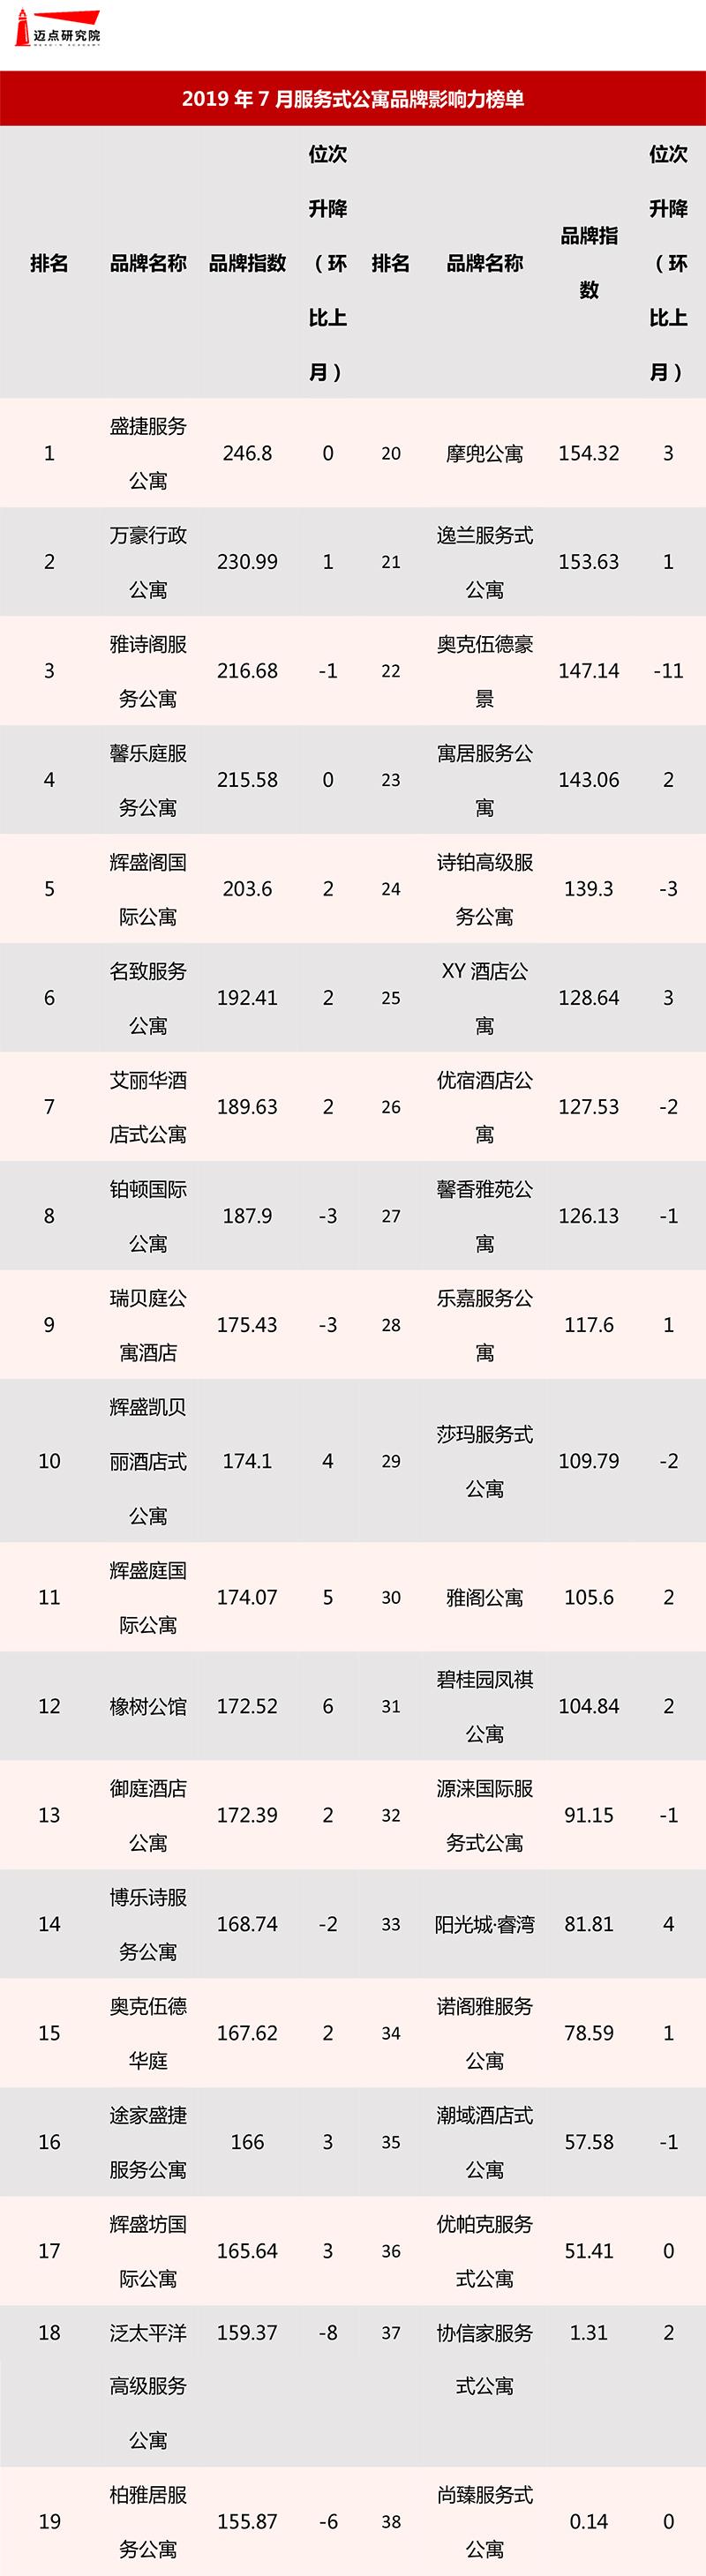 2019年7月服务式公寓品牌影响力榜单-8.jpg